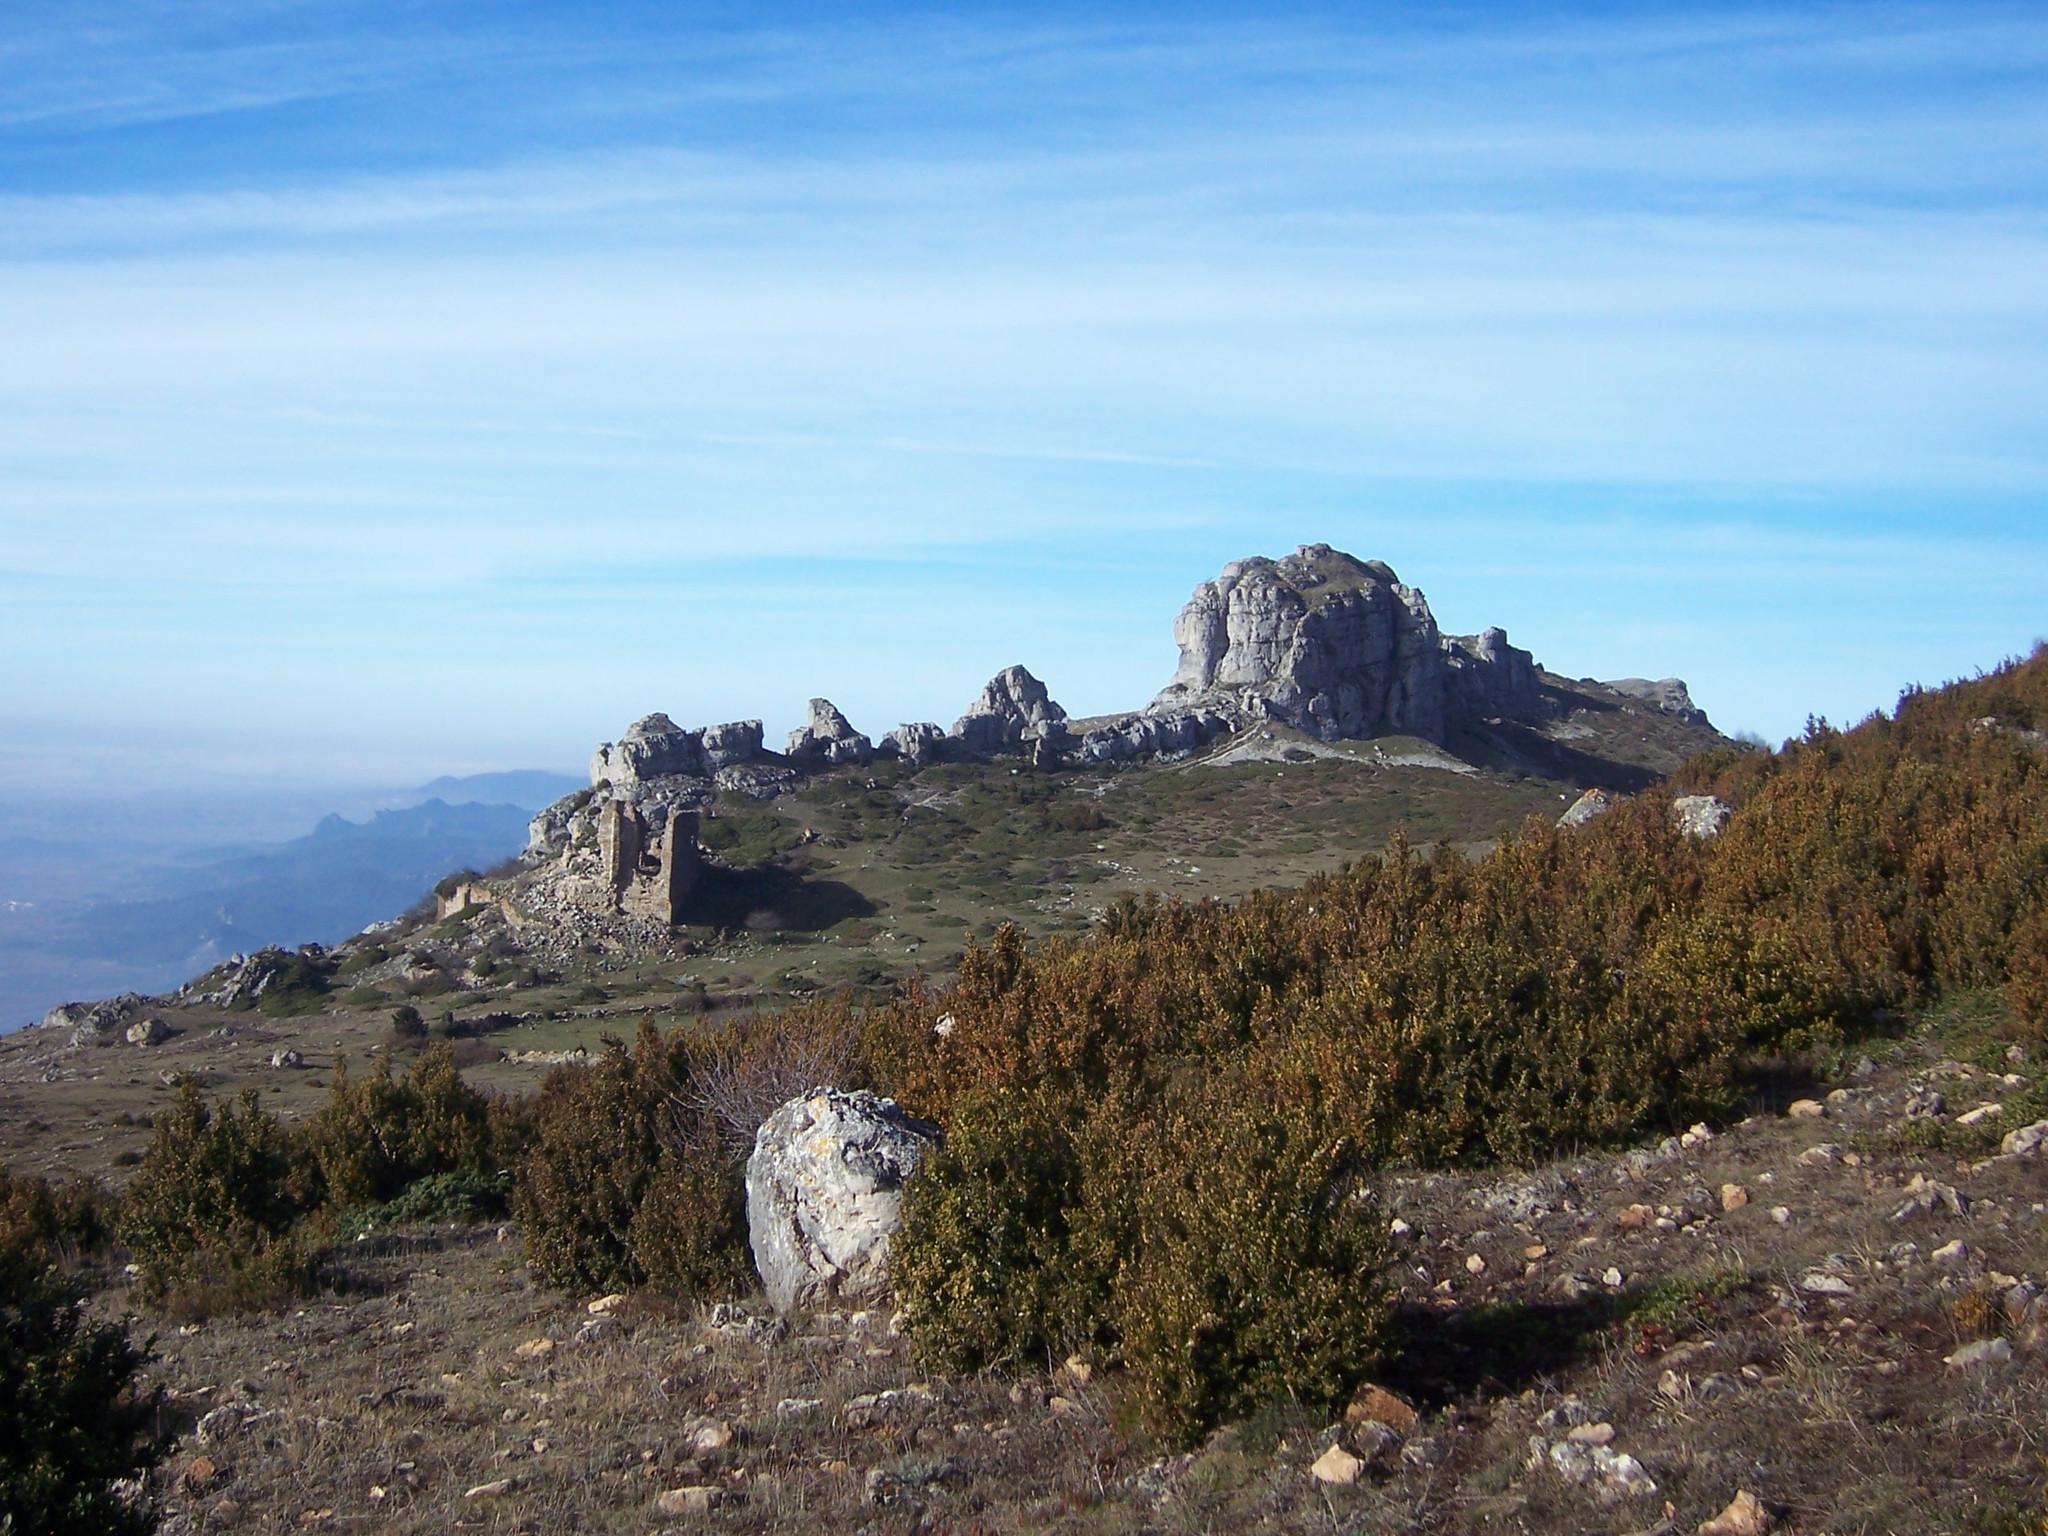 Peña_del_Castillo_en_la_Sierra_de_Toloño